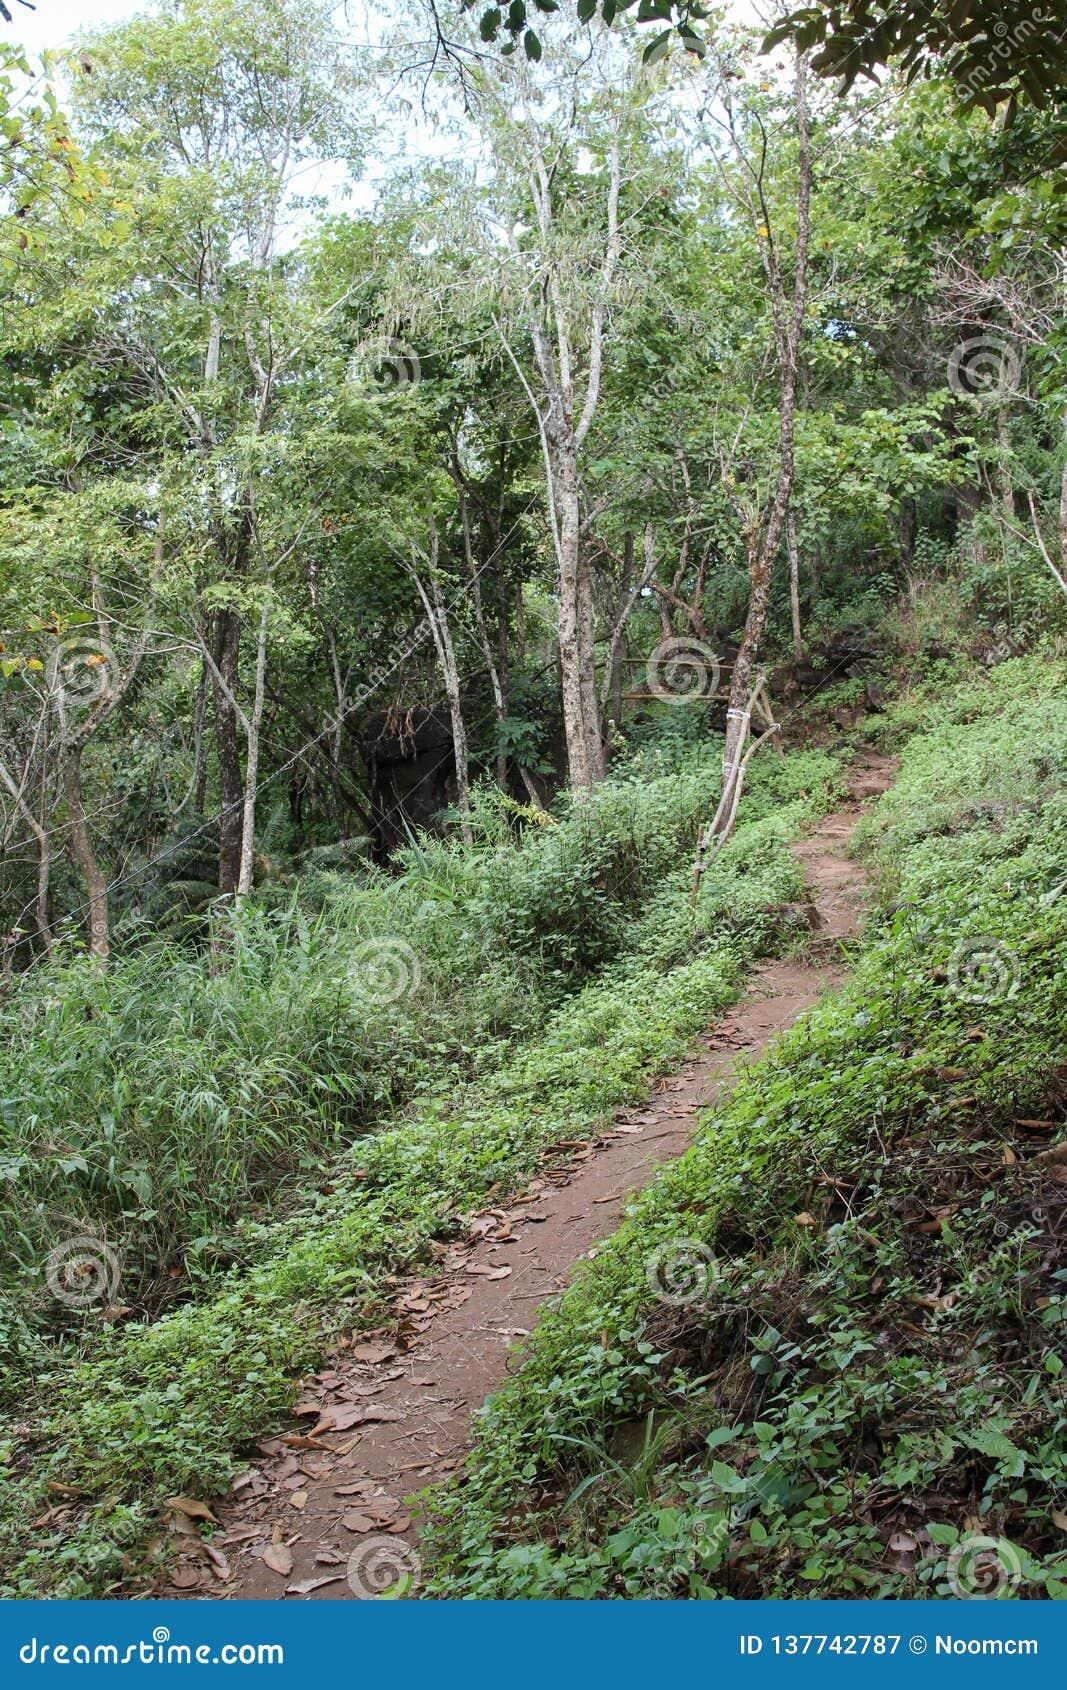 Traccia attraverso la foresta verde a DOI MON-NGO